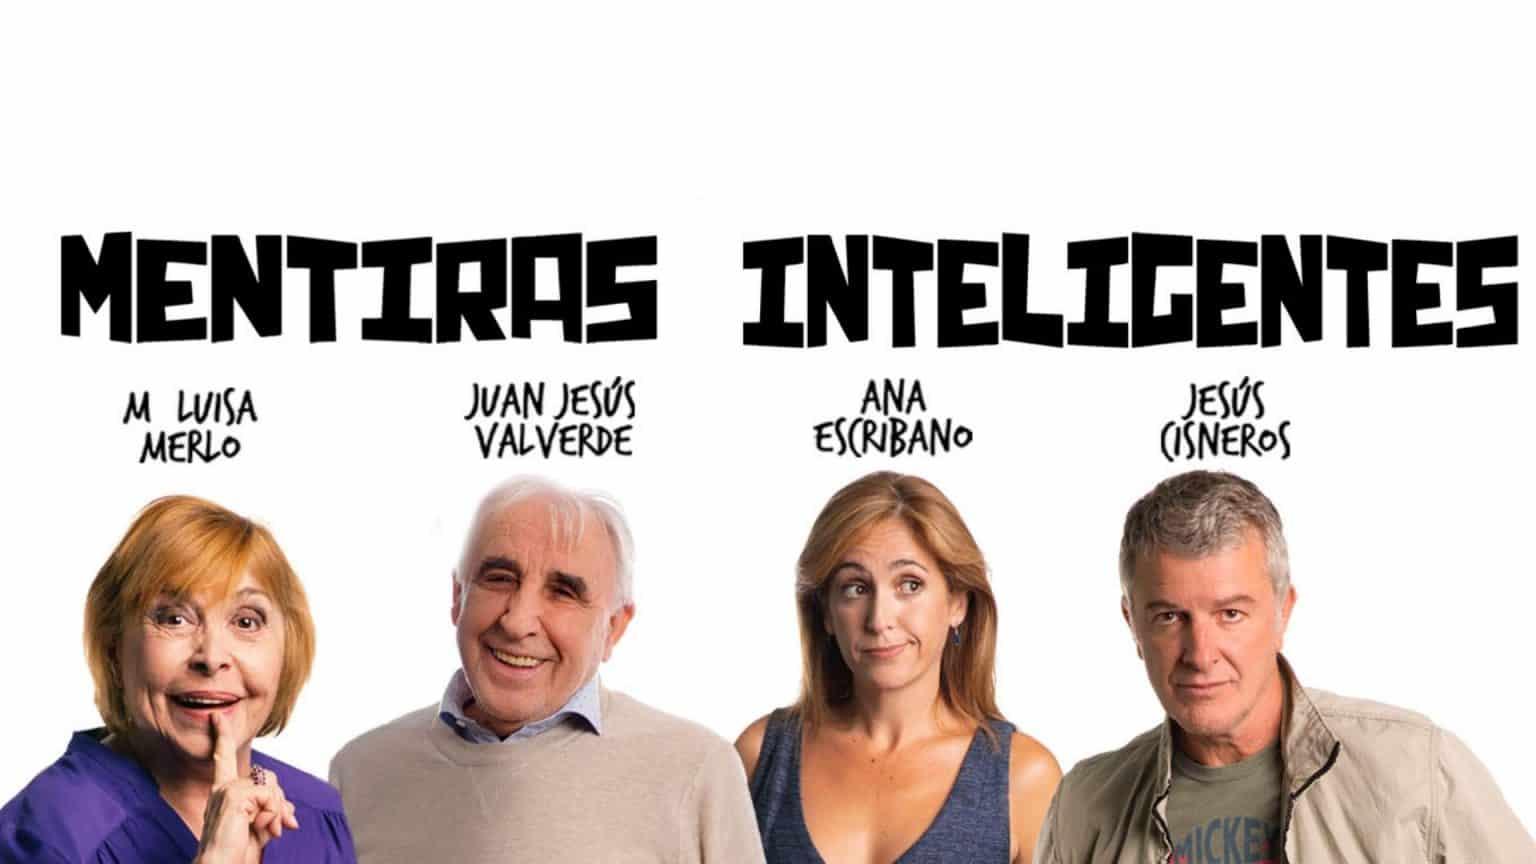 MENTIRAS INTELIGENTES en el Teatro Amaya